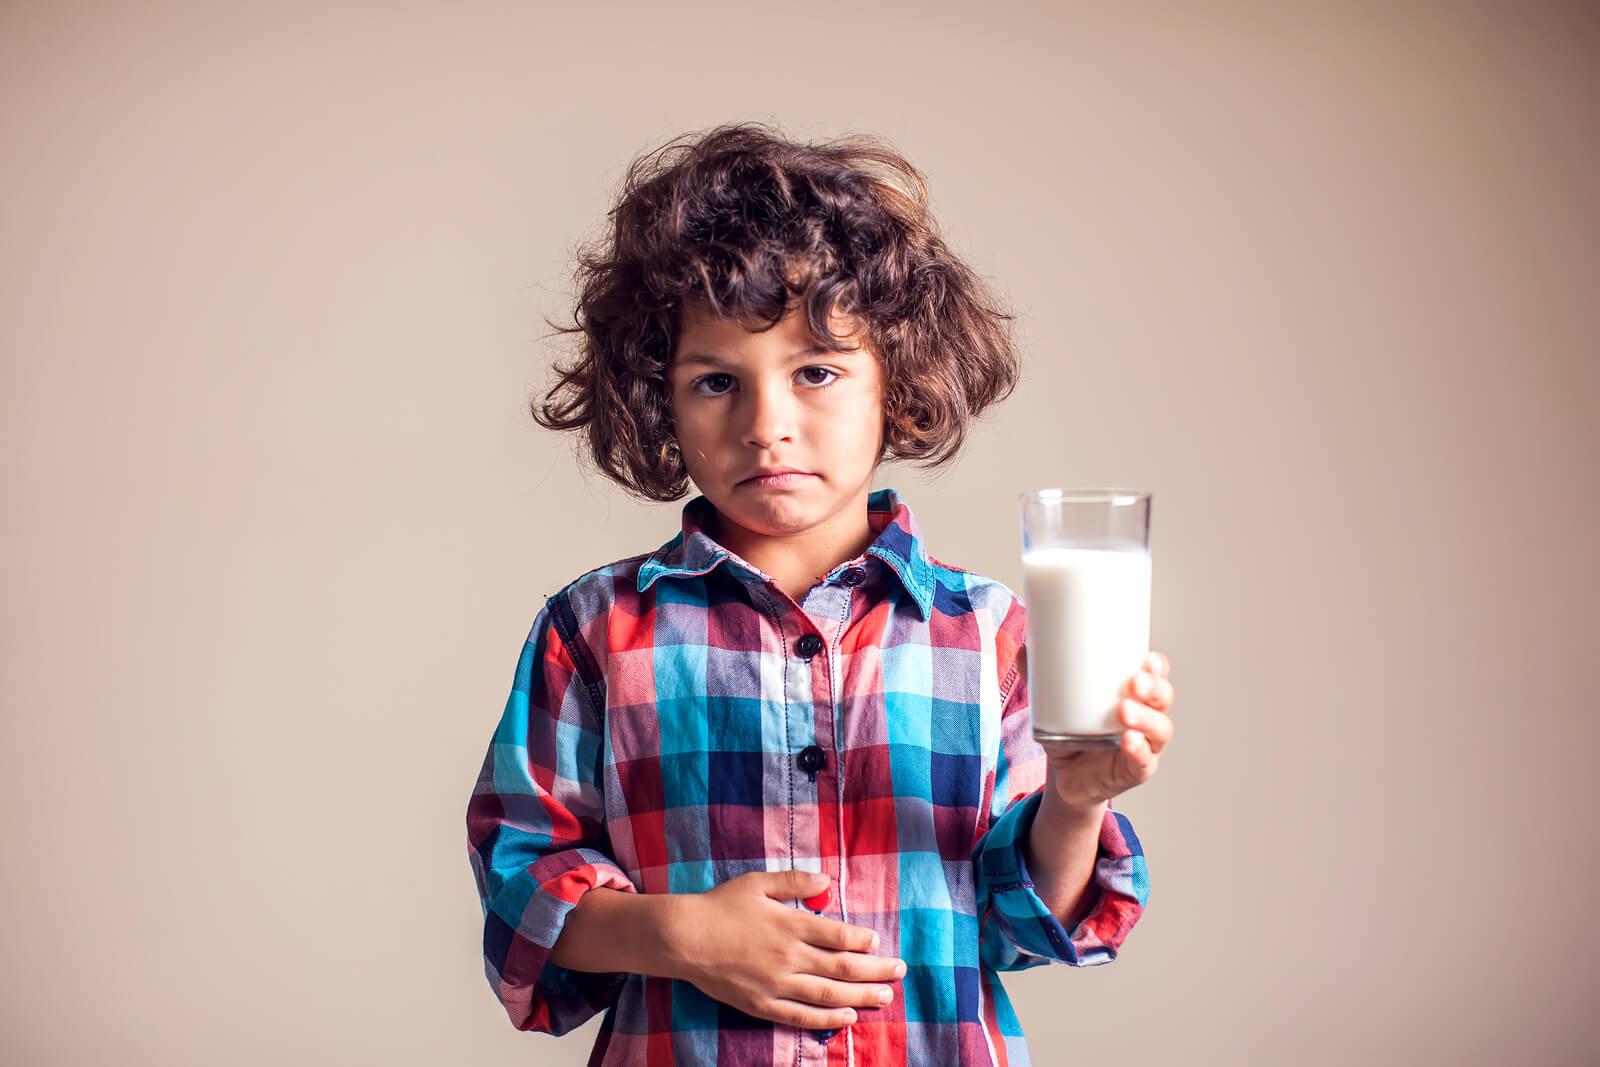 Criança com dor de barriga e um copo de leite na mão devido a intolerância transitória à lactose.